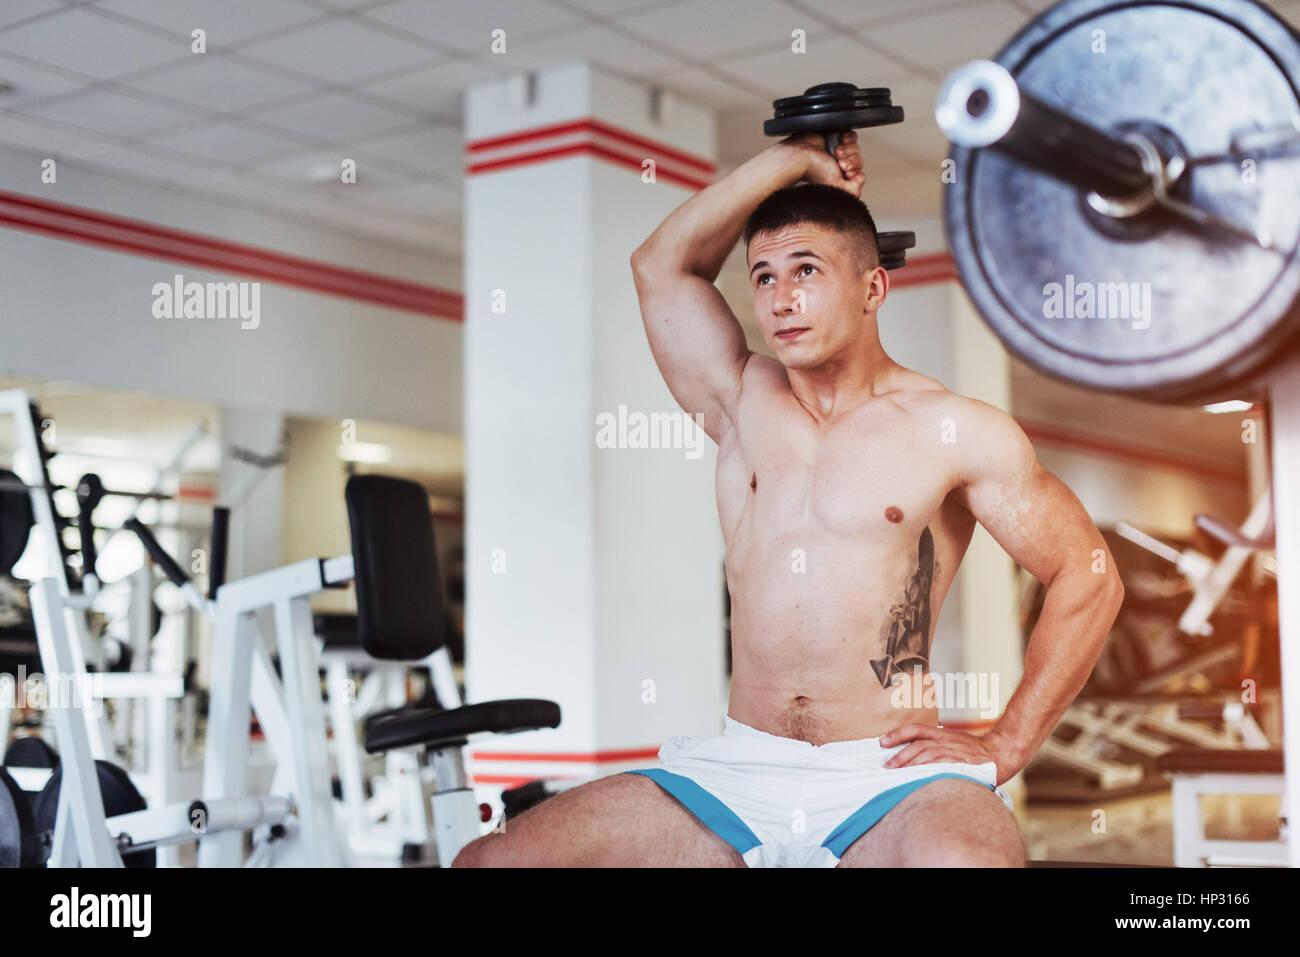 Beau bodybuilder athlétique guy, effectue des exercices avec d Photo Stock